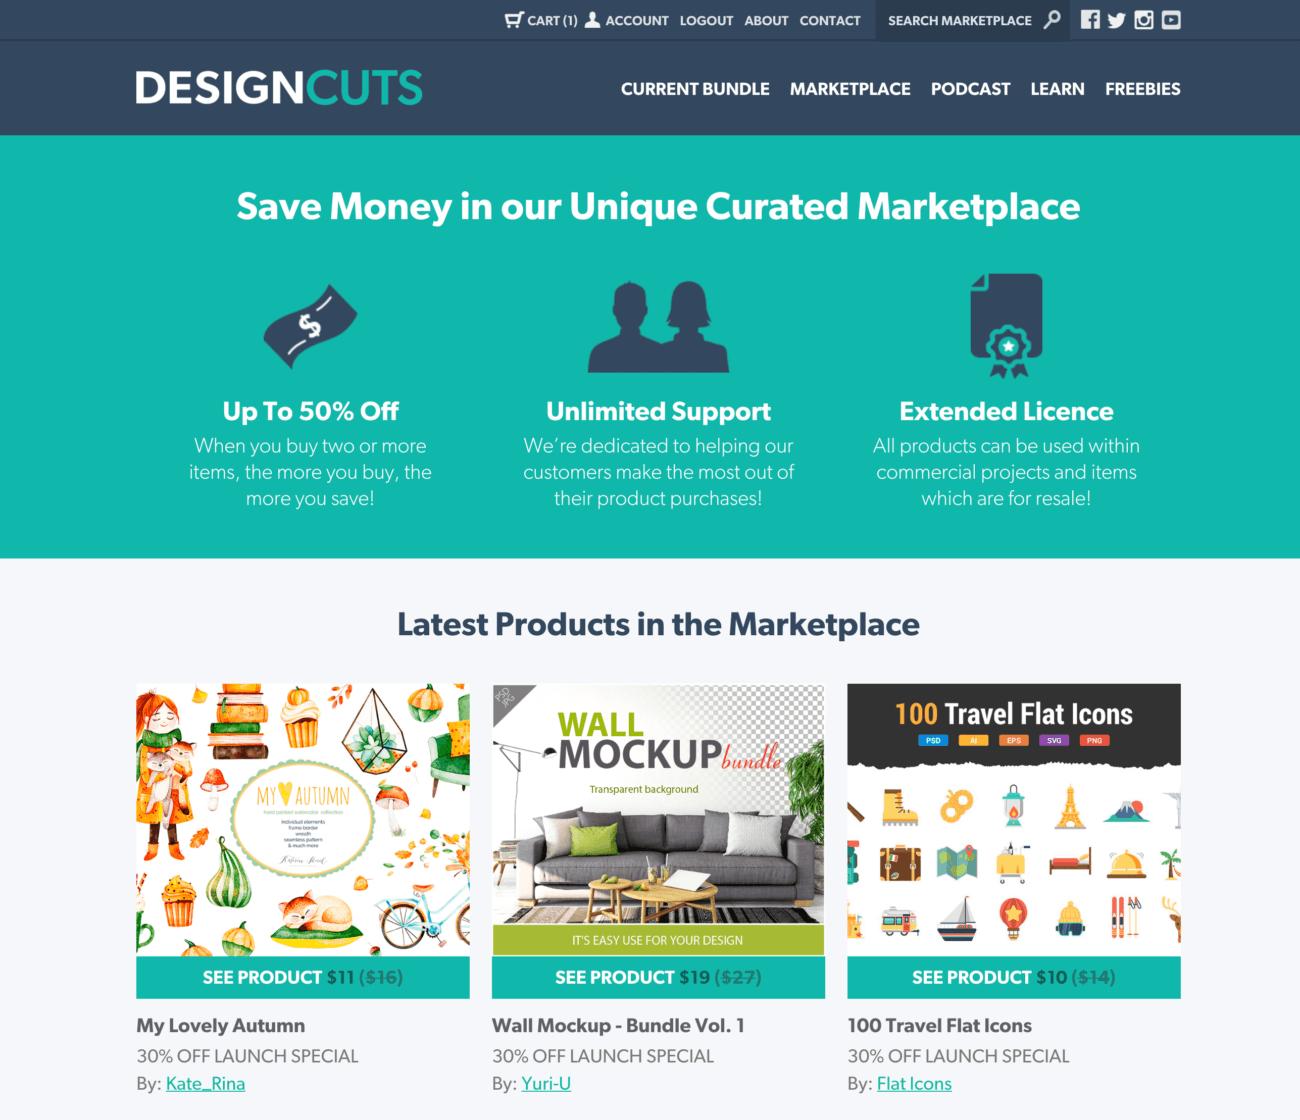 designcuts英語版のホームページ